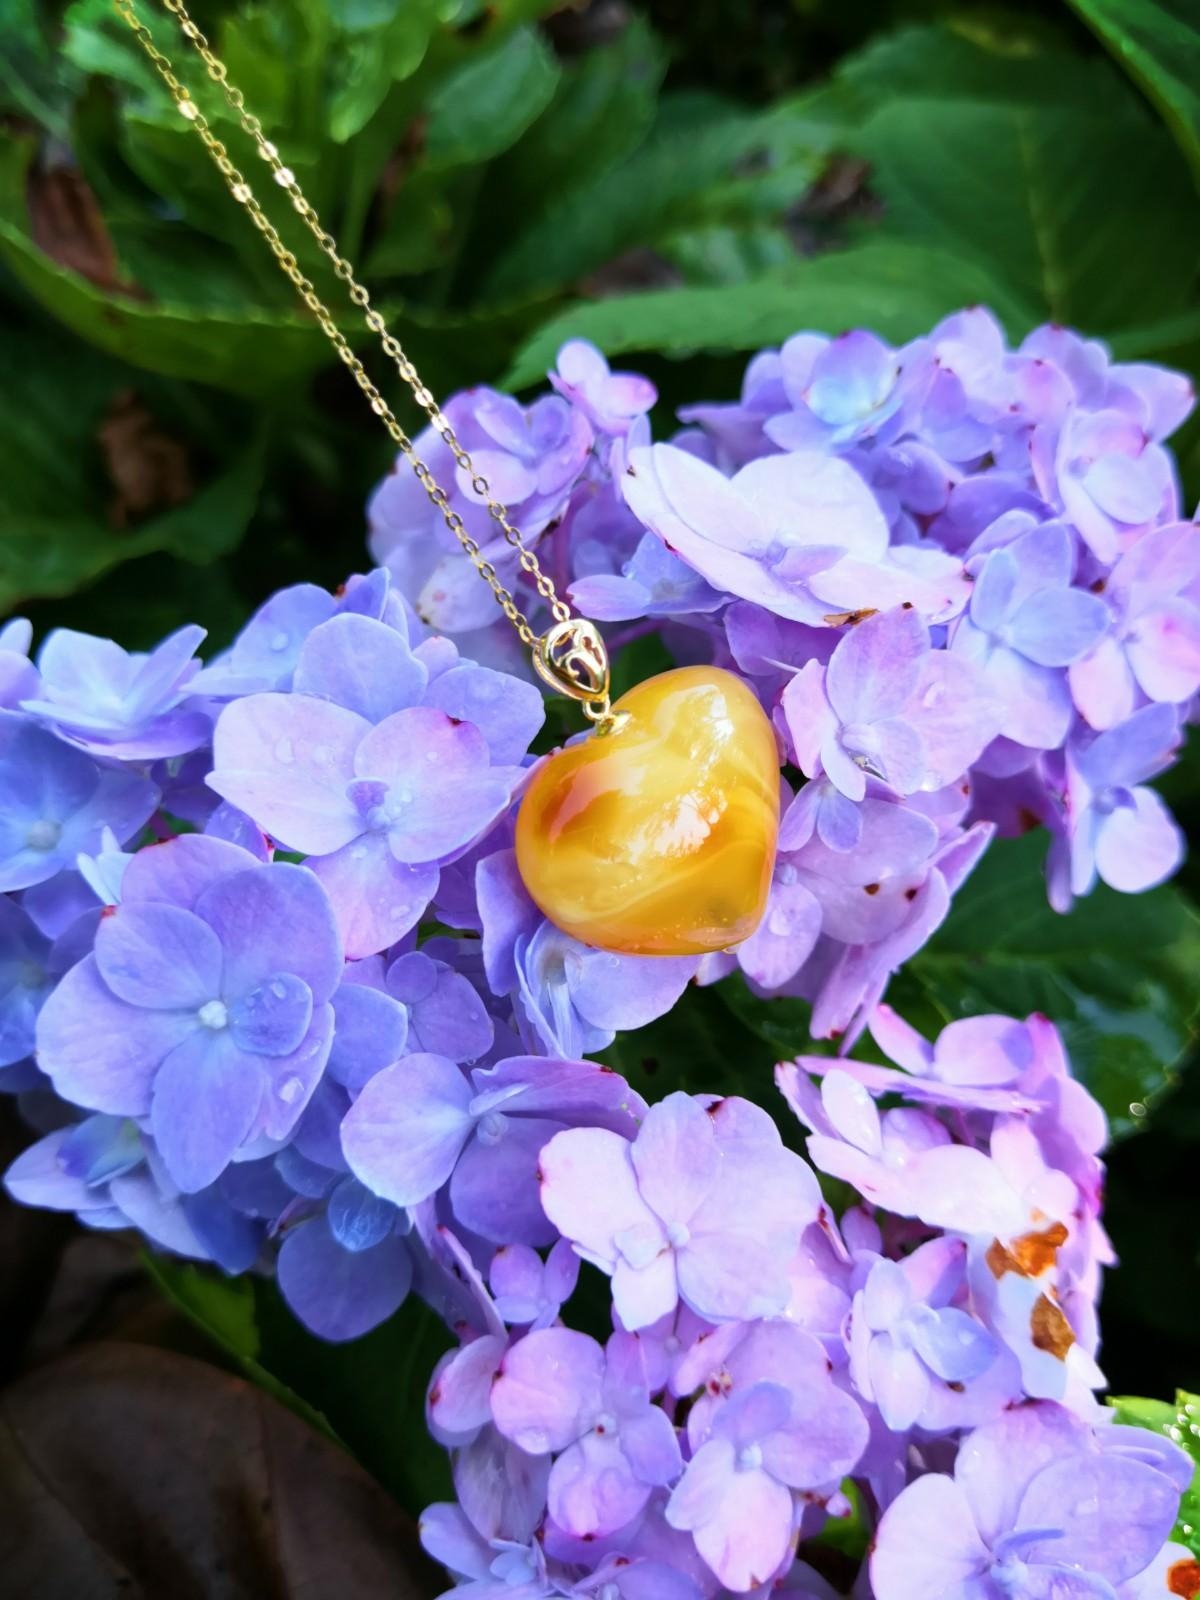 ワックスのペンダントネックレス女性のペンダントセーターのチェーンの規格品の短い鎖骨の古い蜜の宝石のアクセサリーはアクセサリを郵送します。